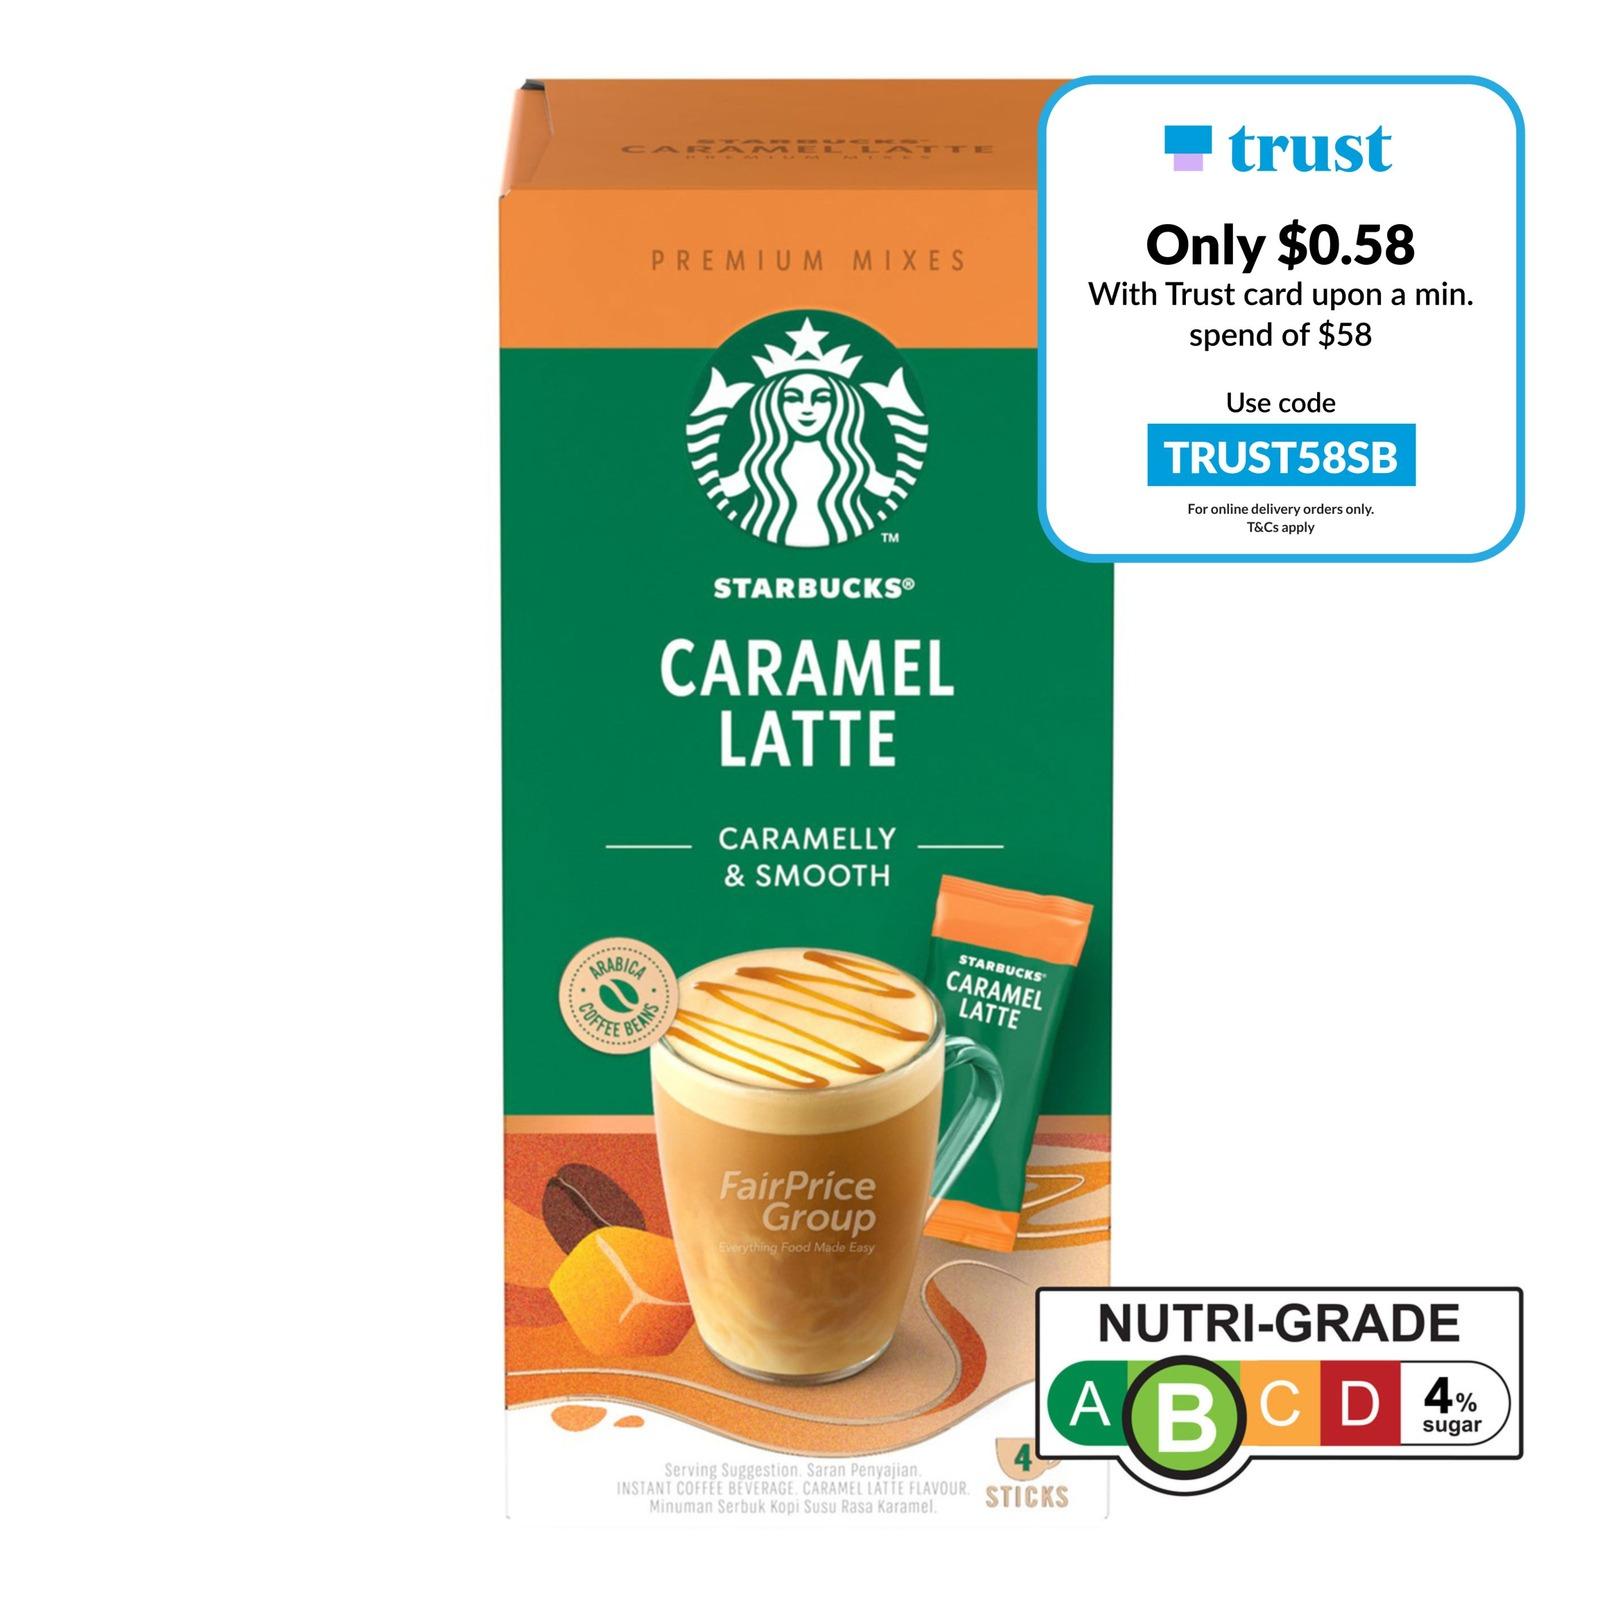 Starbucks Instant Premium Mixes - Caramel Latte